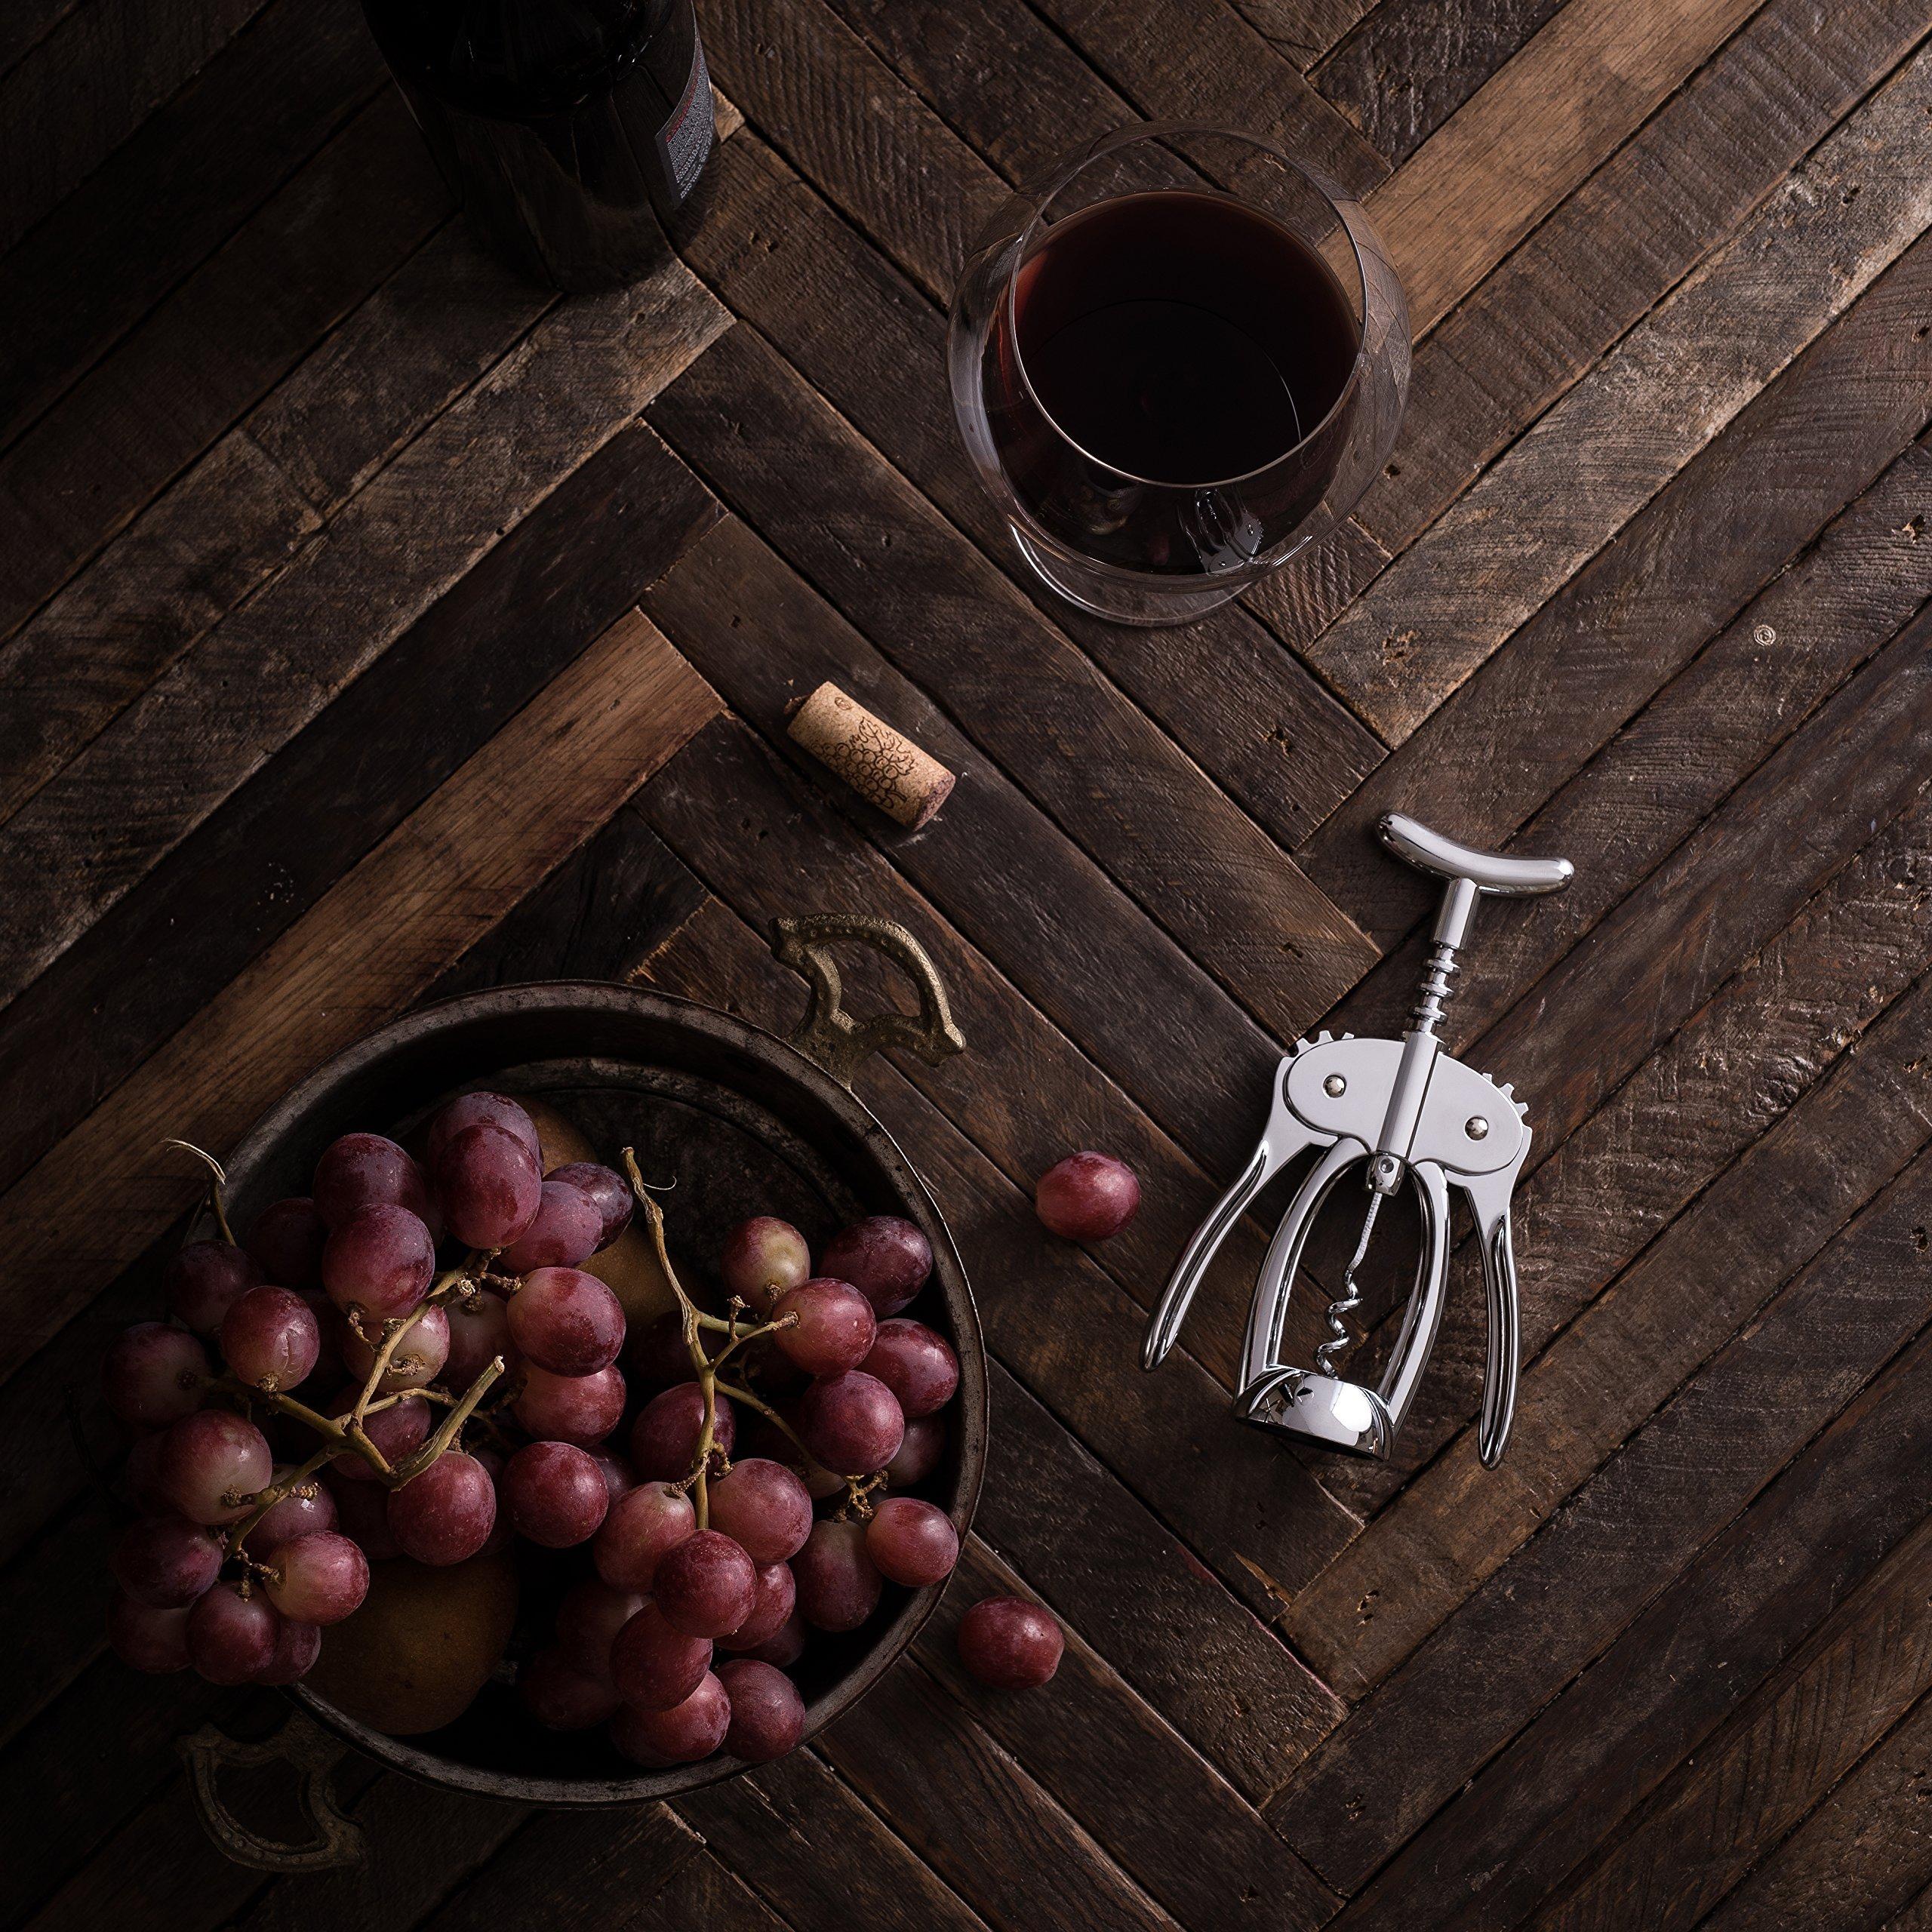 Bellemain Premium Wing Corkscrew Wine Opener Heavy-duty nonstick by Bellemain (Image #6)